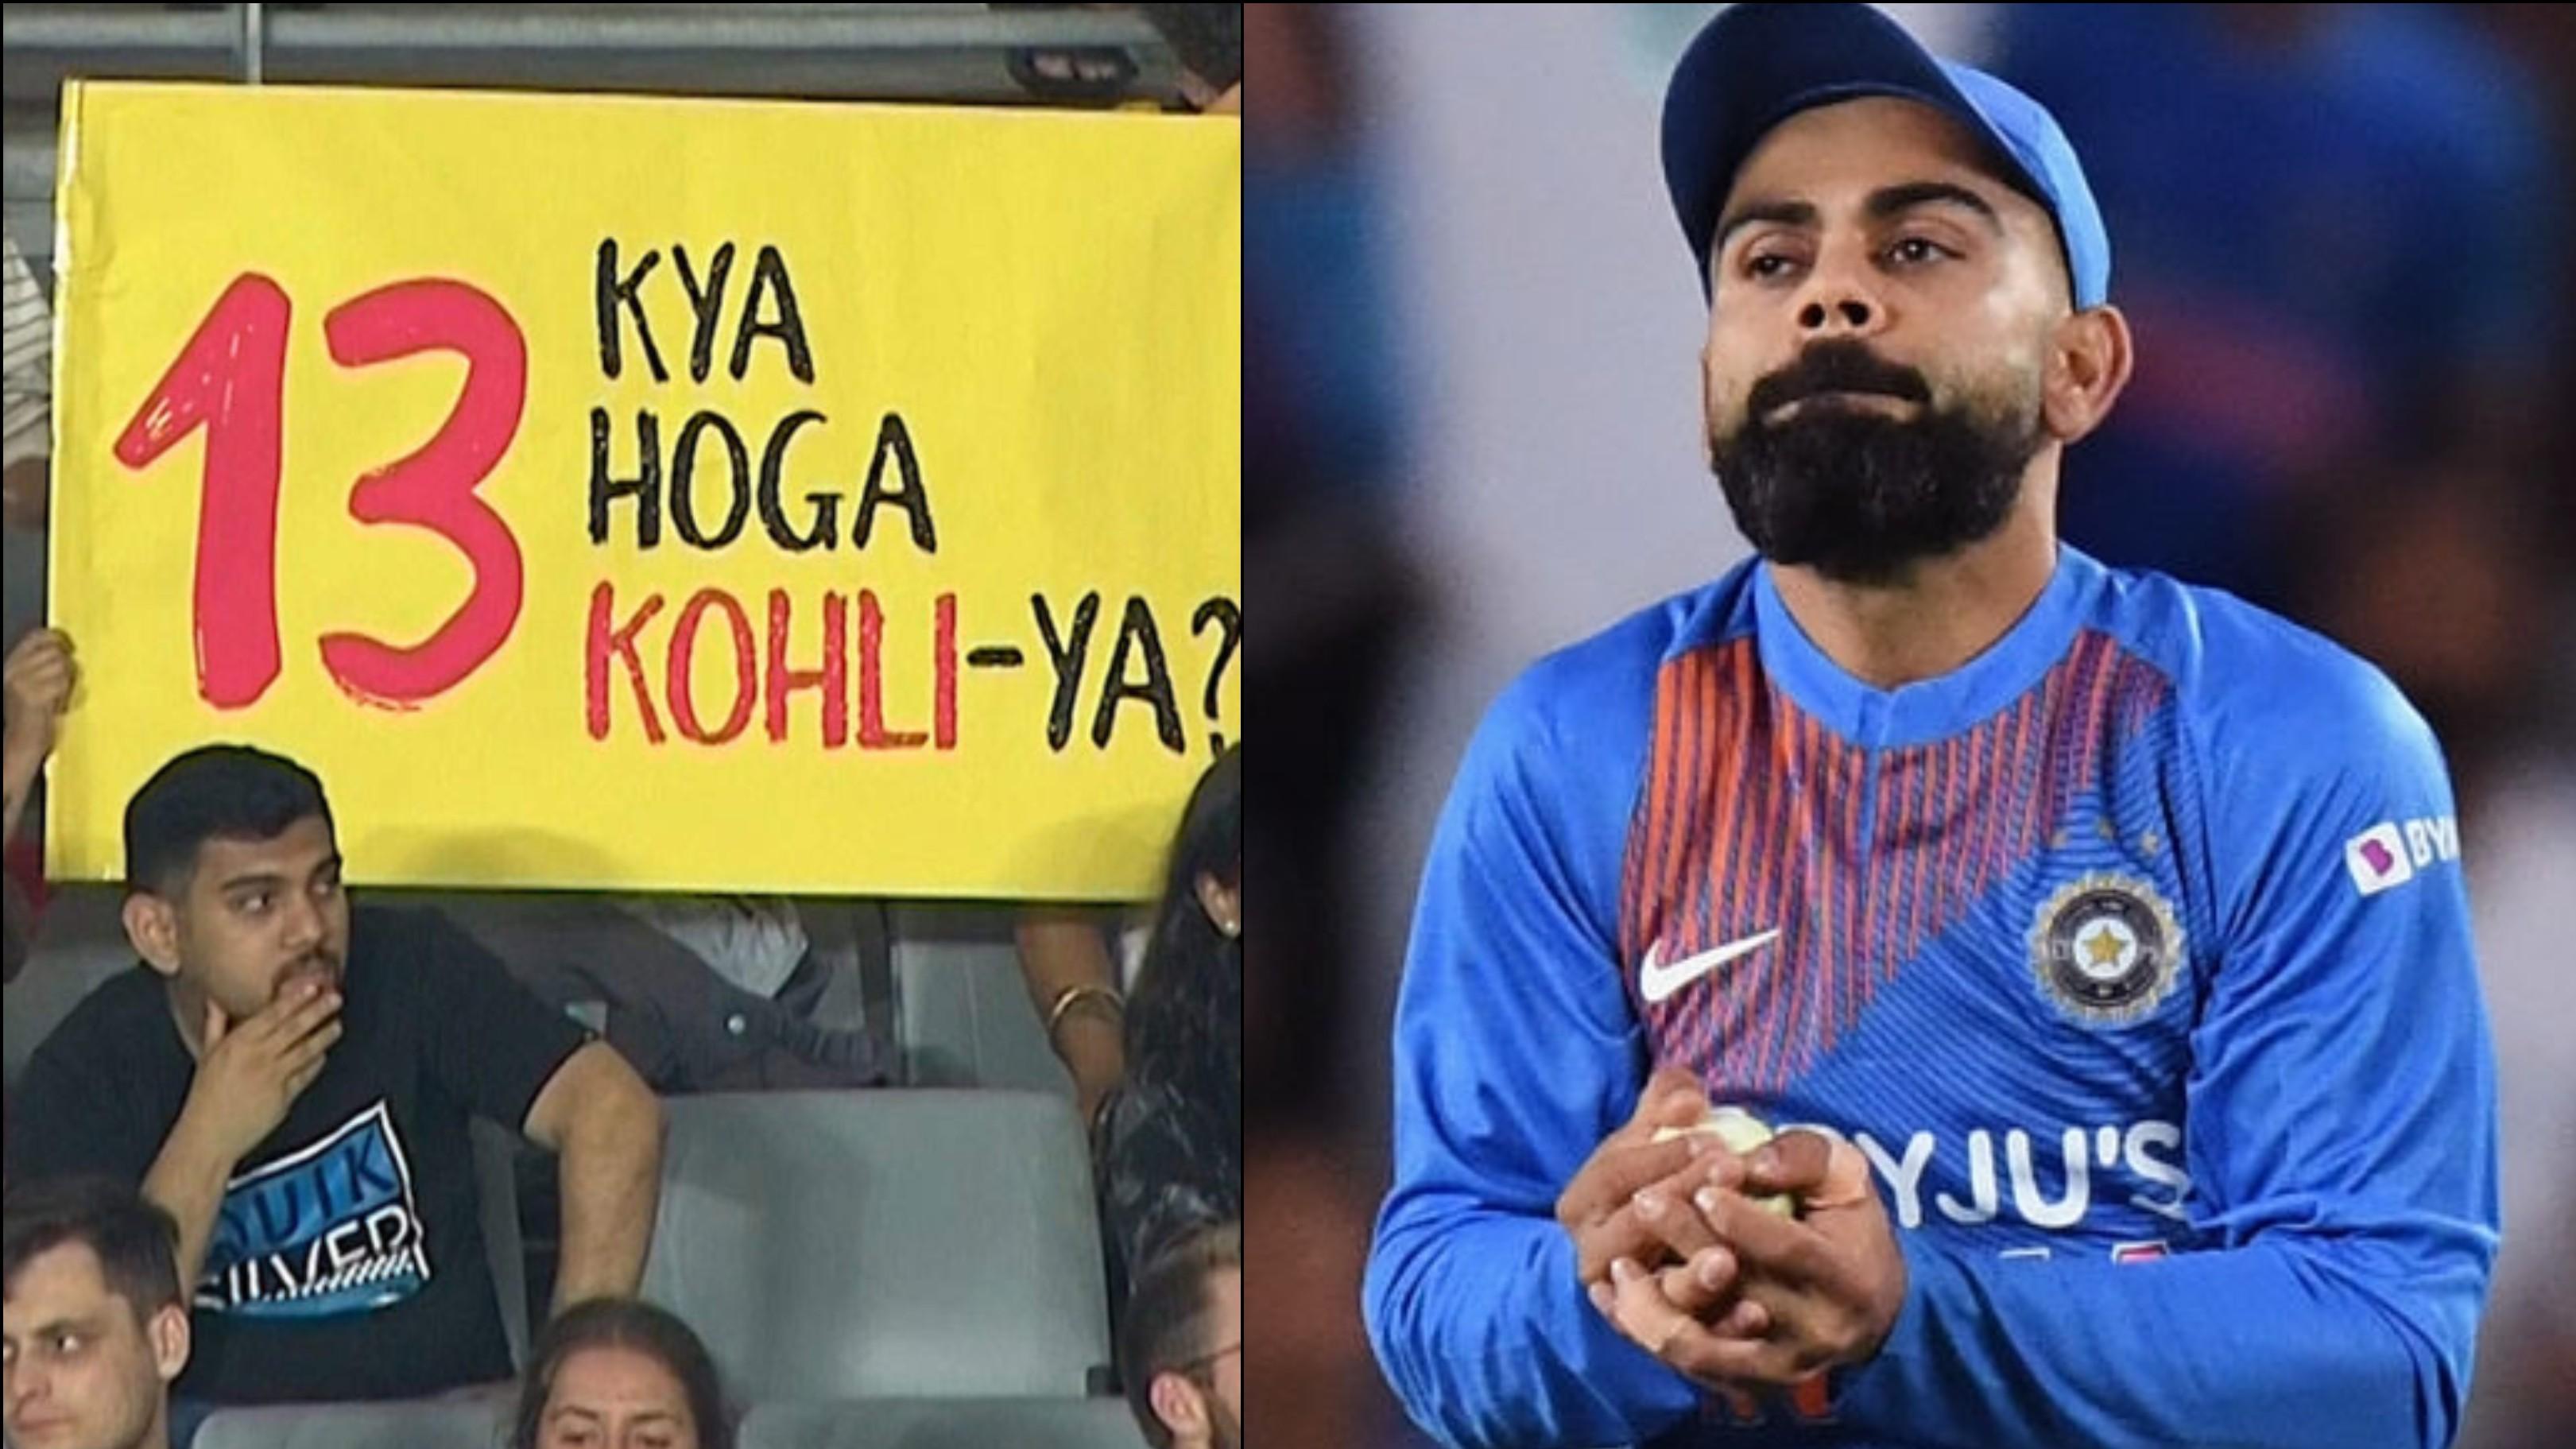 NZ v IND 2020 : 'कोहलिया तेरा क्या होगा' का पोस्टर लेकर आरसीबी और विराट को ट्रोल करते दिखे फैन